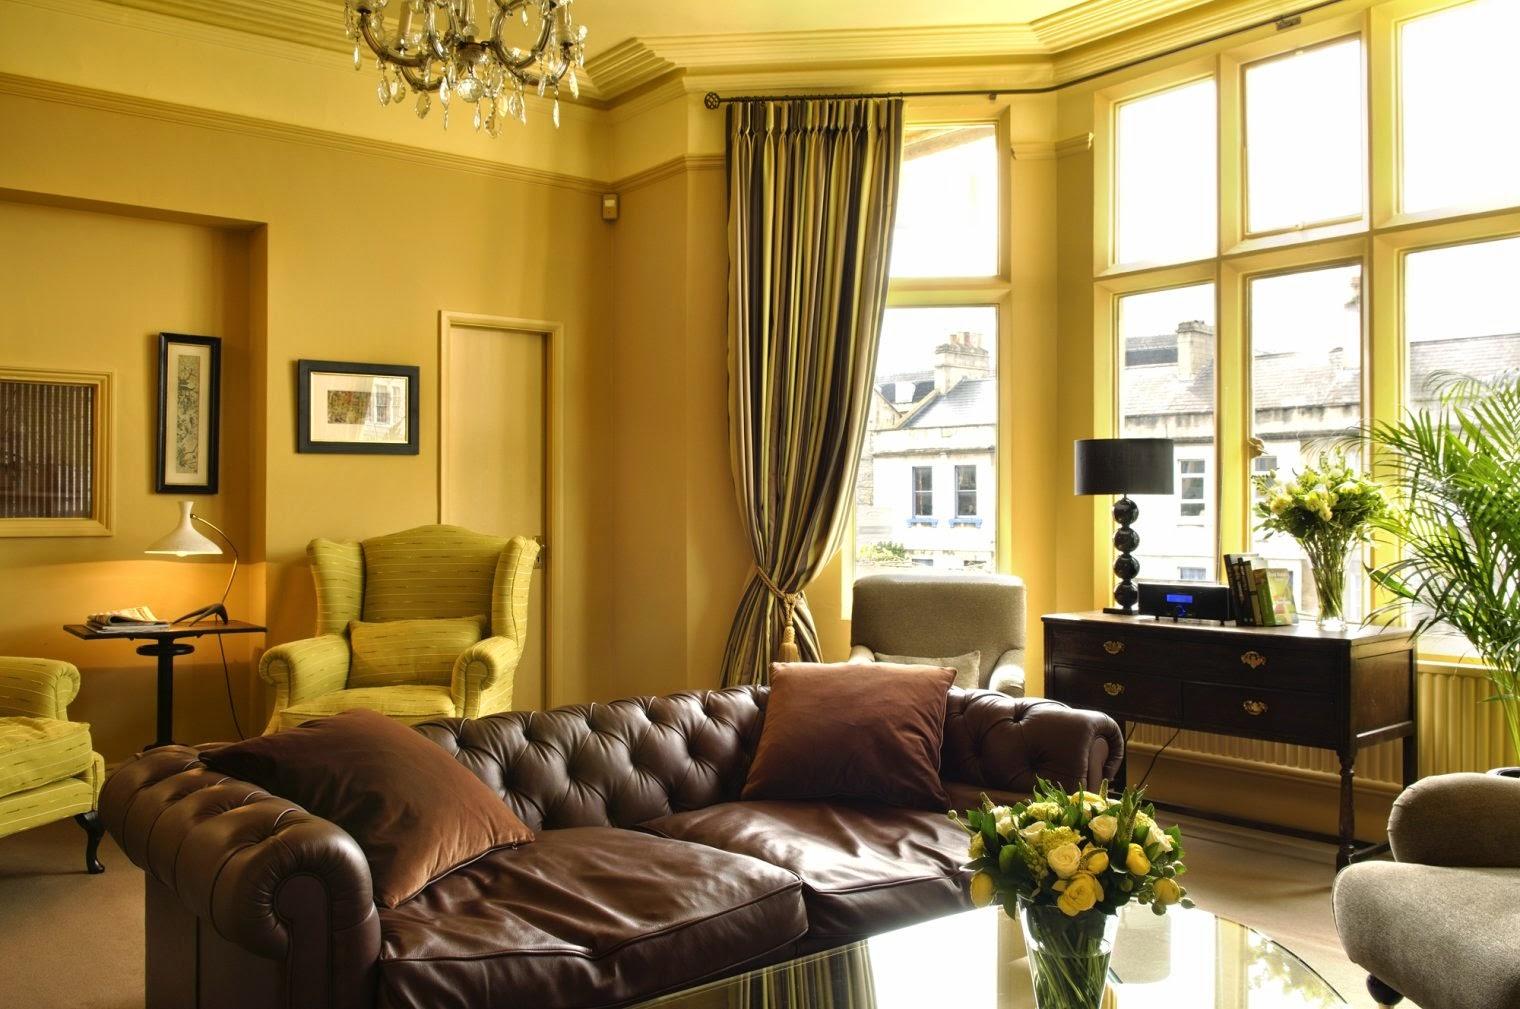 Salas en marr n y amarillo salas con estilo - Combina colores en paredes ...